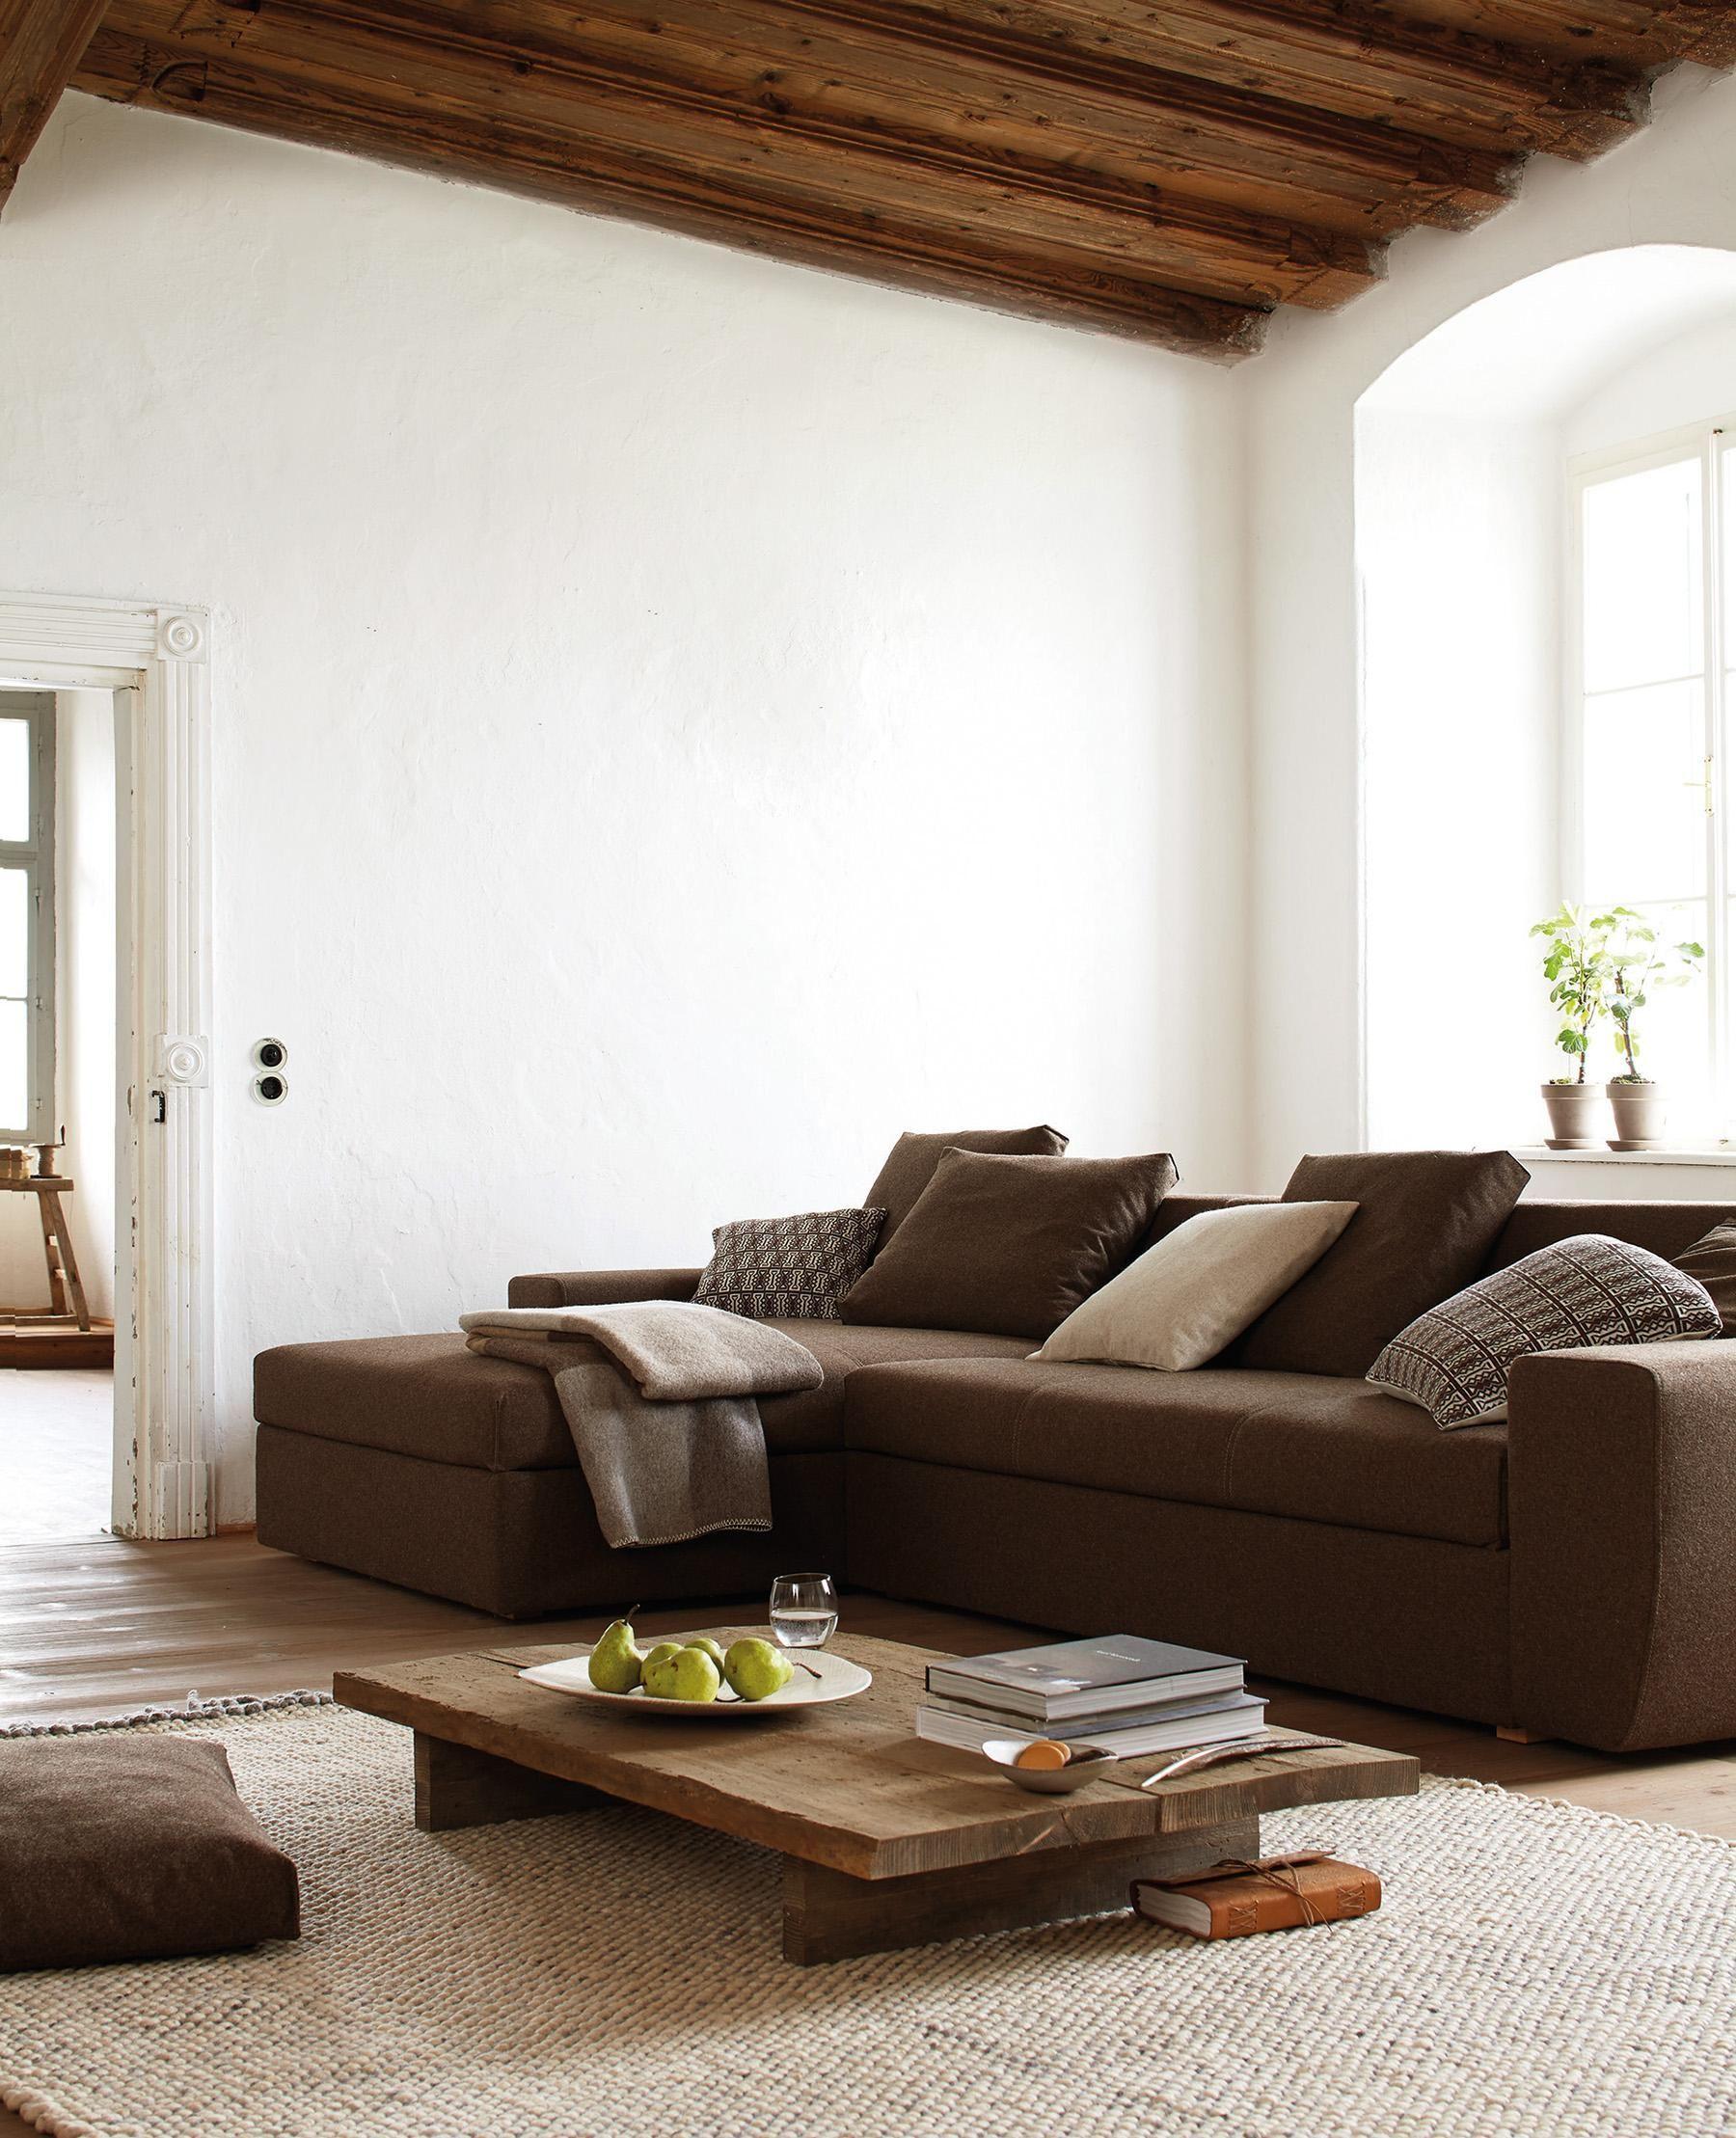 Wohnzimmer Einrichten Mit Braunem Sofa Check more at http://cakhd